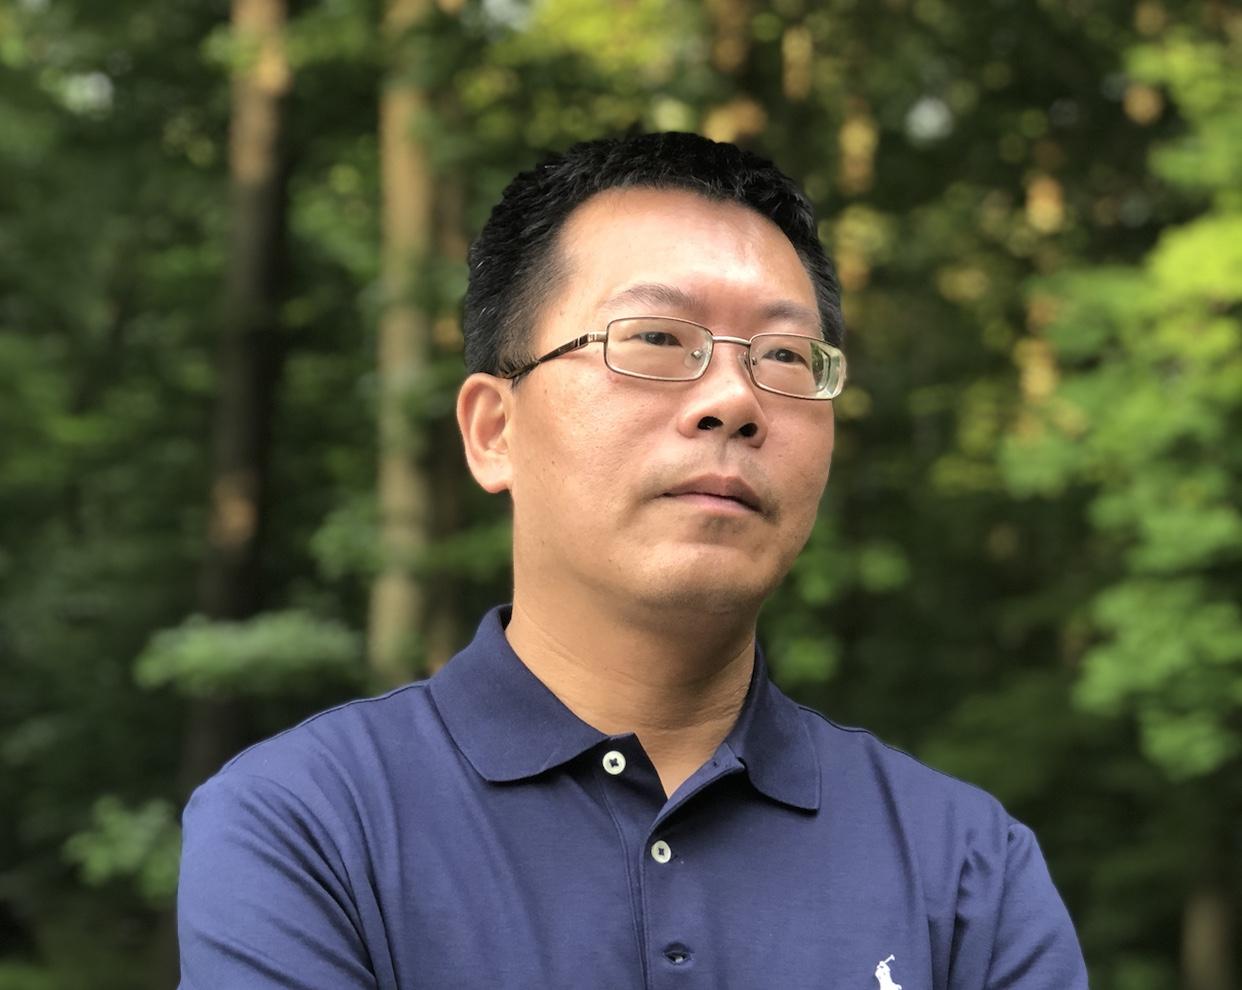 Teng Biao